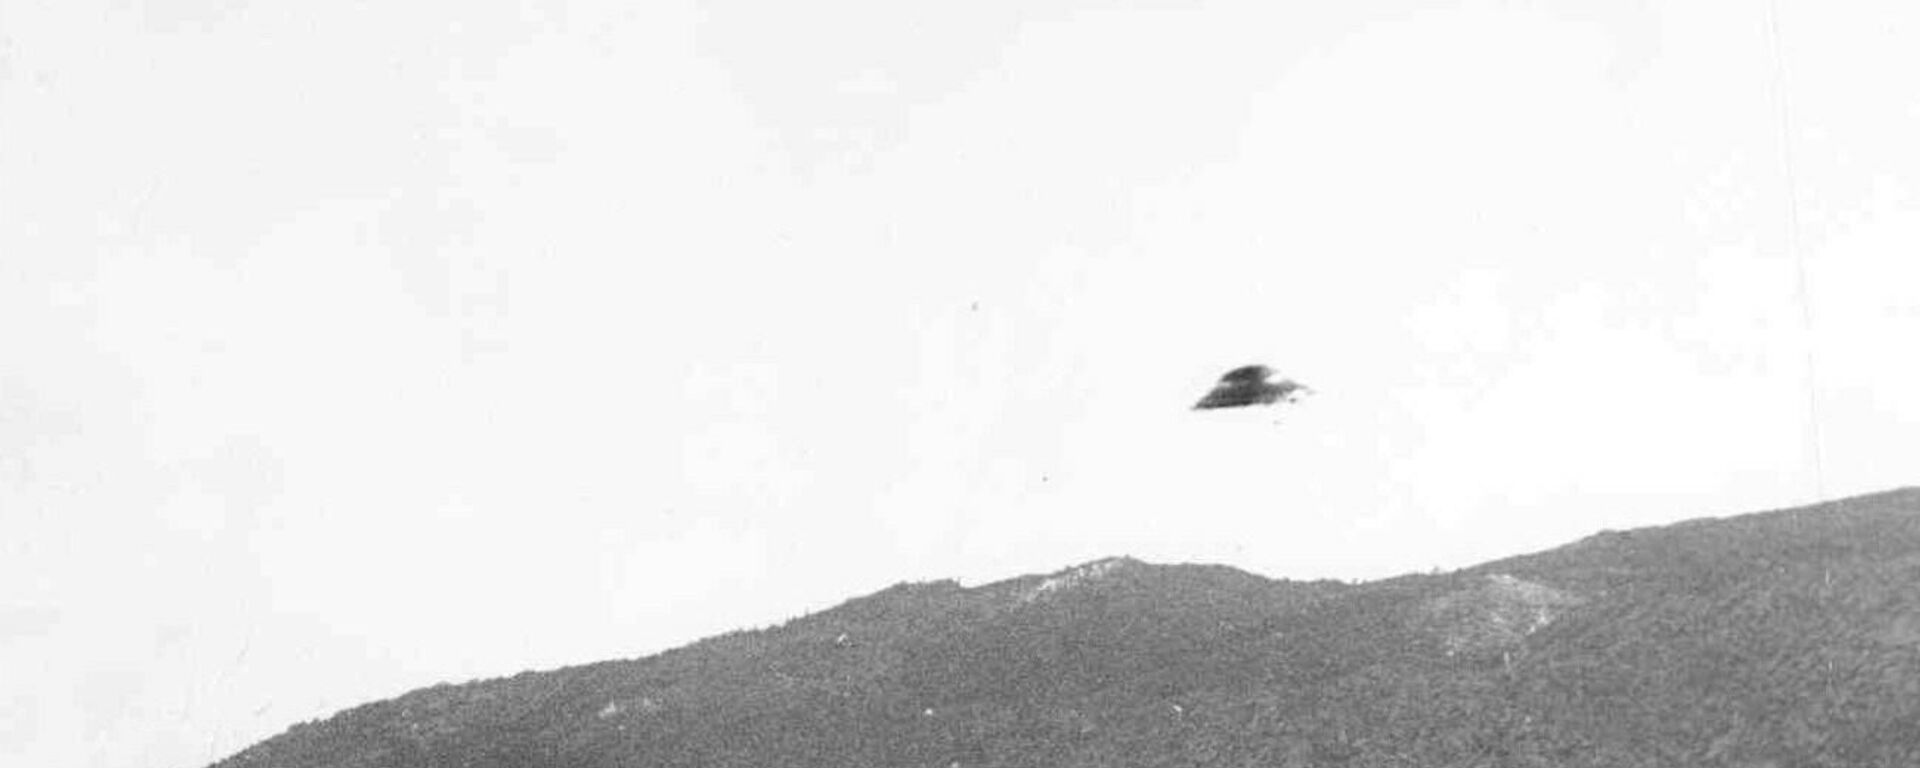 """Fotografie, na které je údajně zachycen létající talíř, z roku 1951 byla pořízena v Kalifornii. Vyšetřování """"Modrá kniha"""" došlo k závěru, že většina podobných snímků jsou zfalšovaná. - Sputnik Česká republika, 1920, 26.06.2021"""